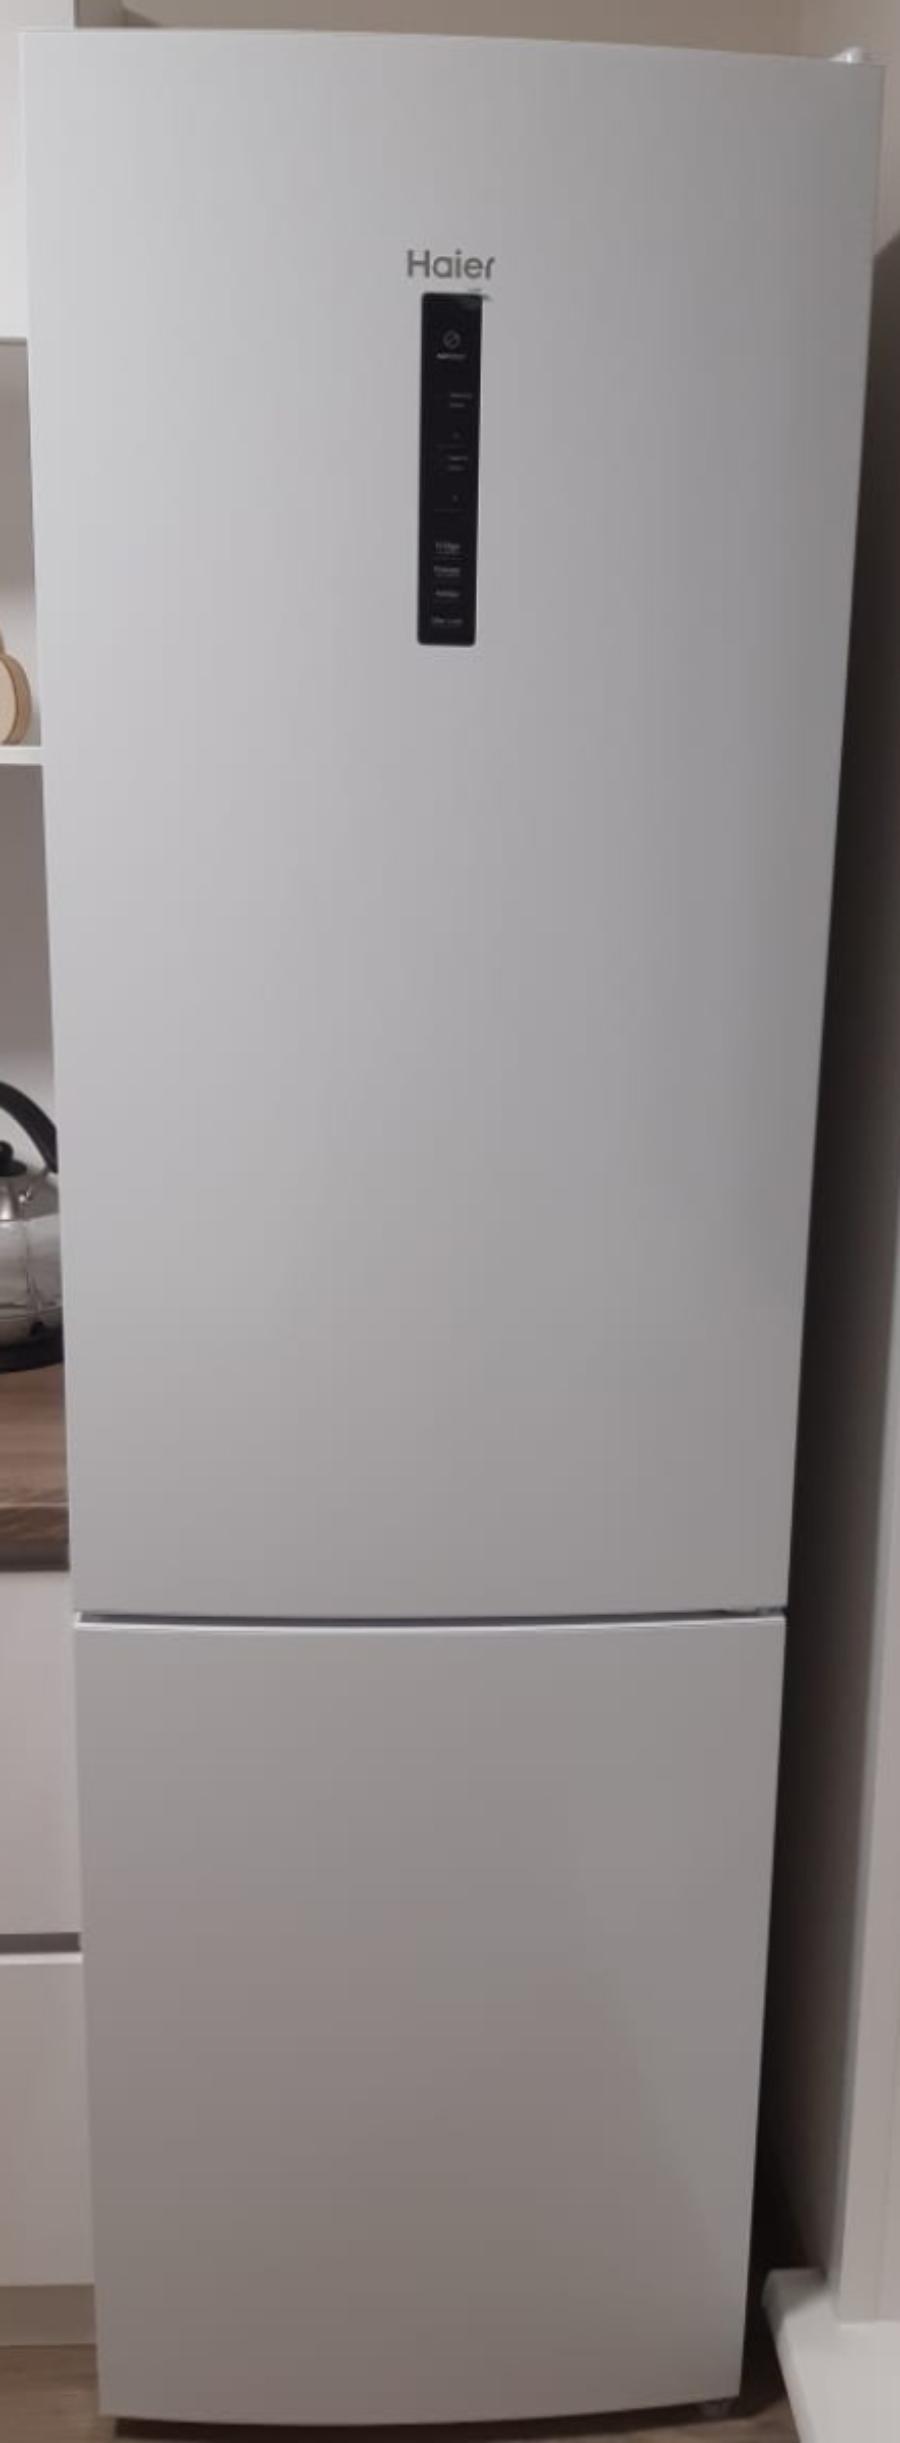 Обзор холодильника Haier CEF537AWG